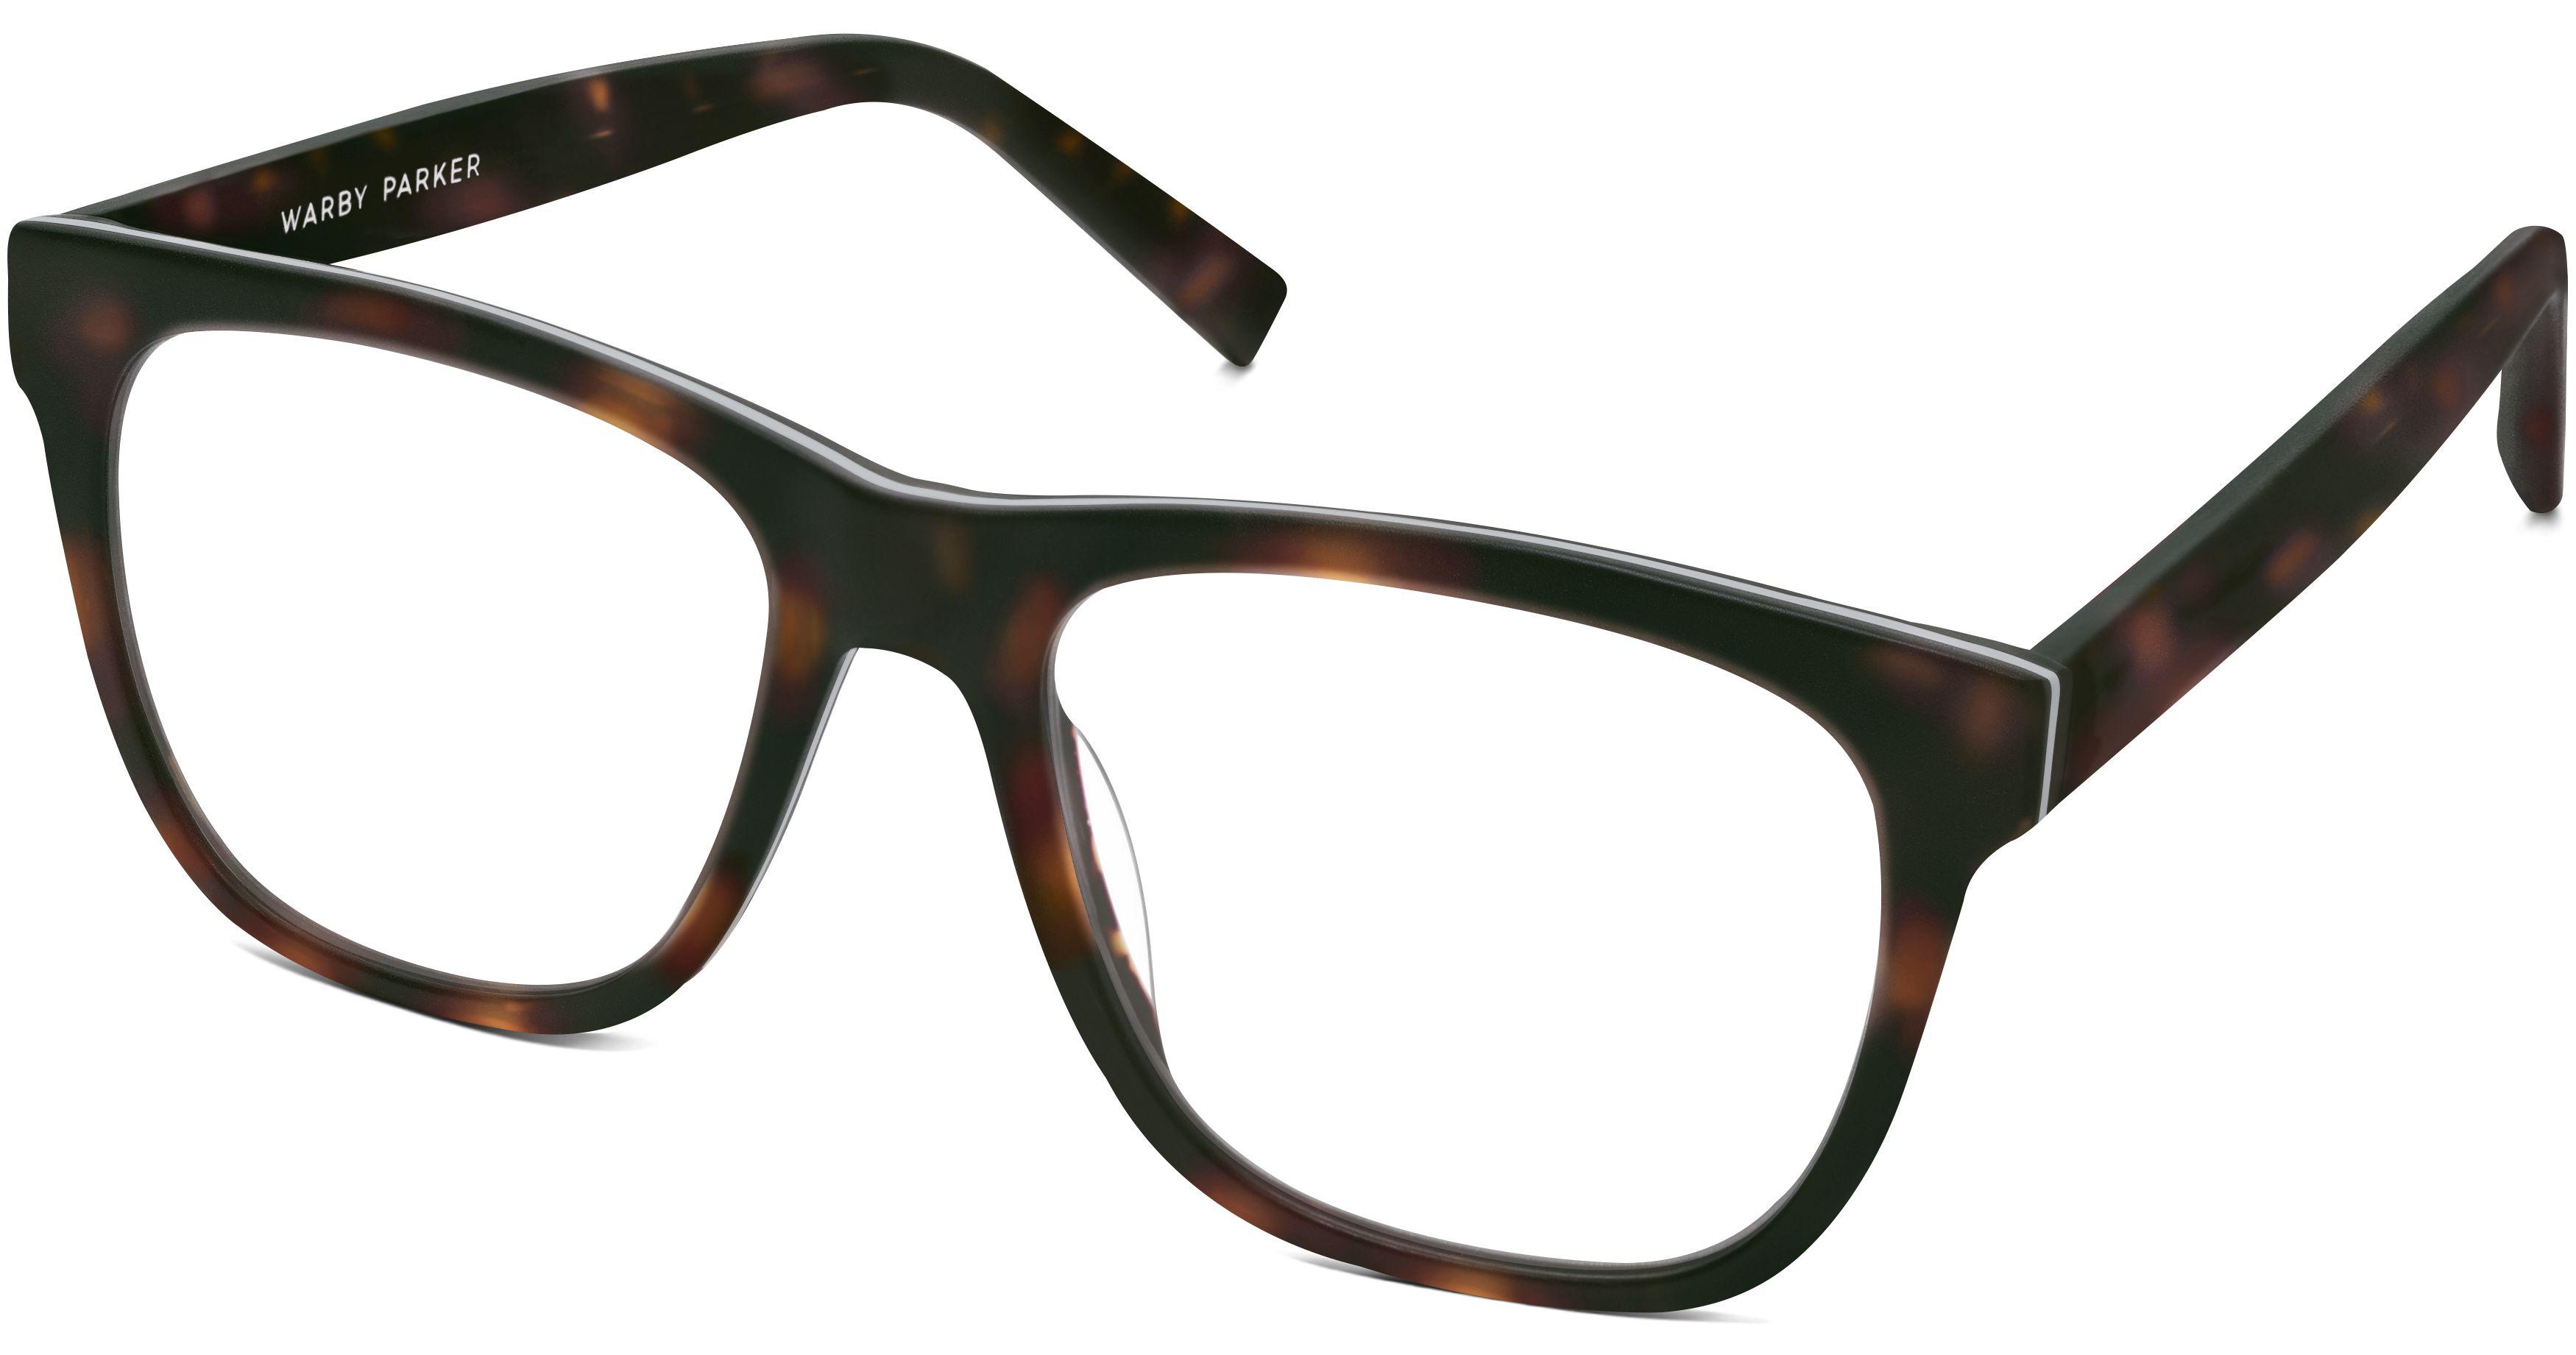 5188455ea379 Lowry Eyeglasses in Tortoise Matte Eclipse for Women